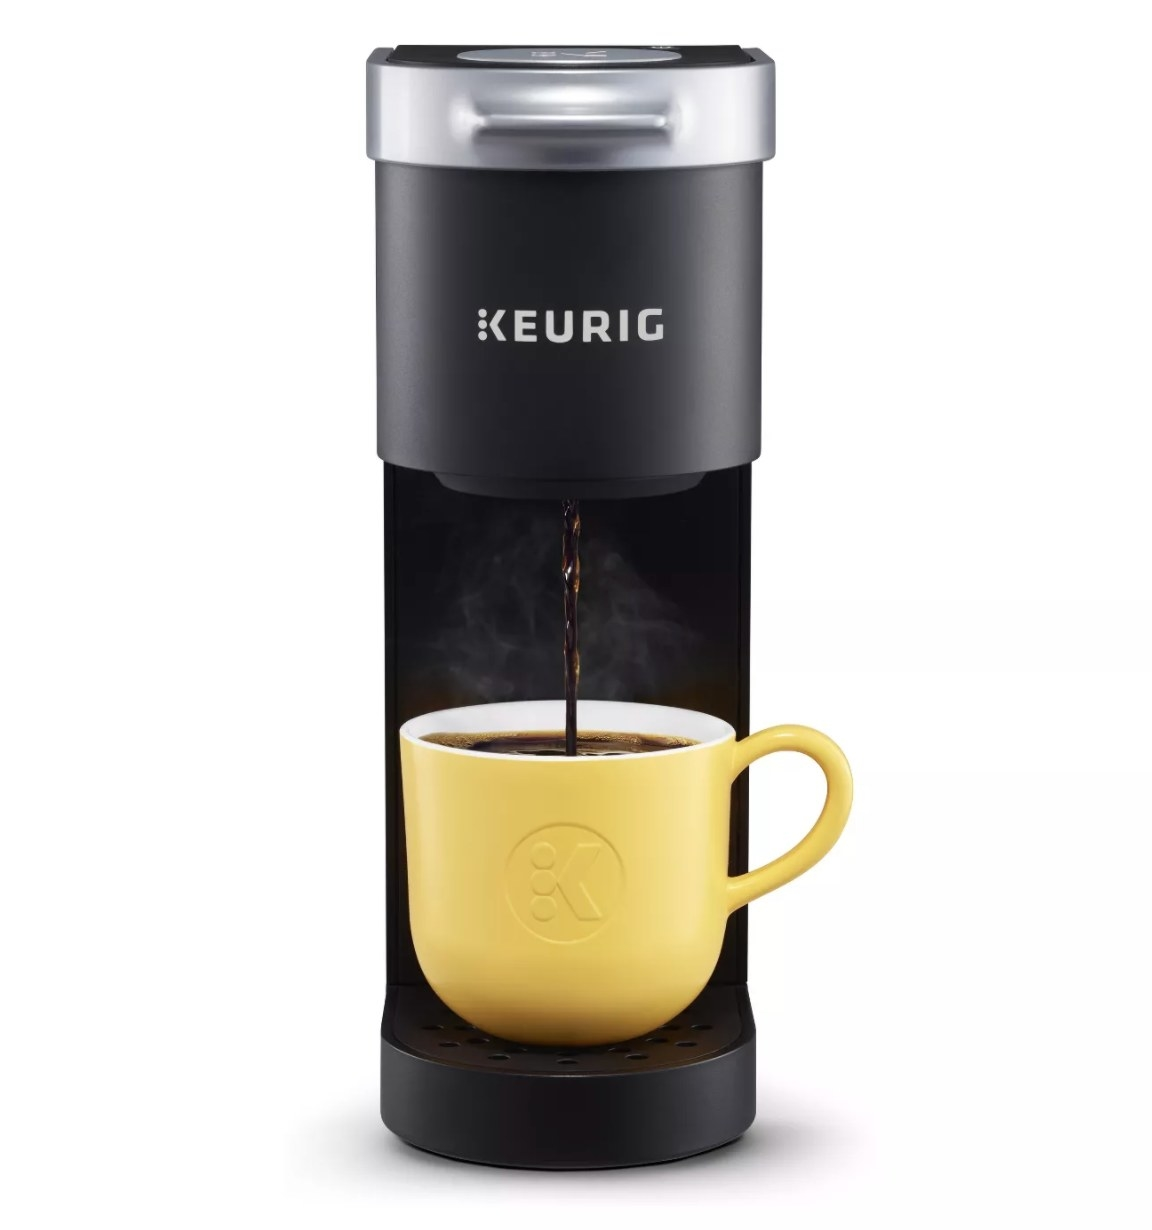 the black Keurig machine